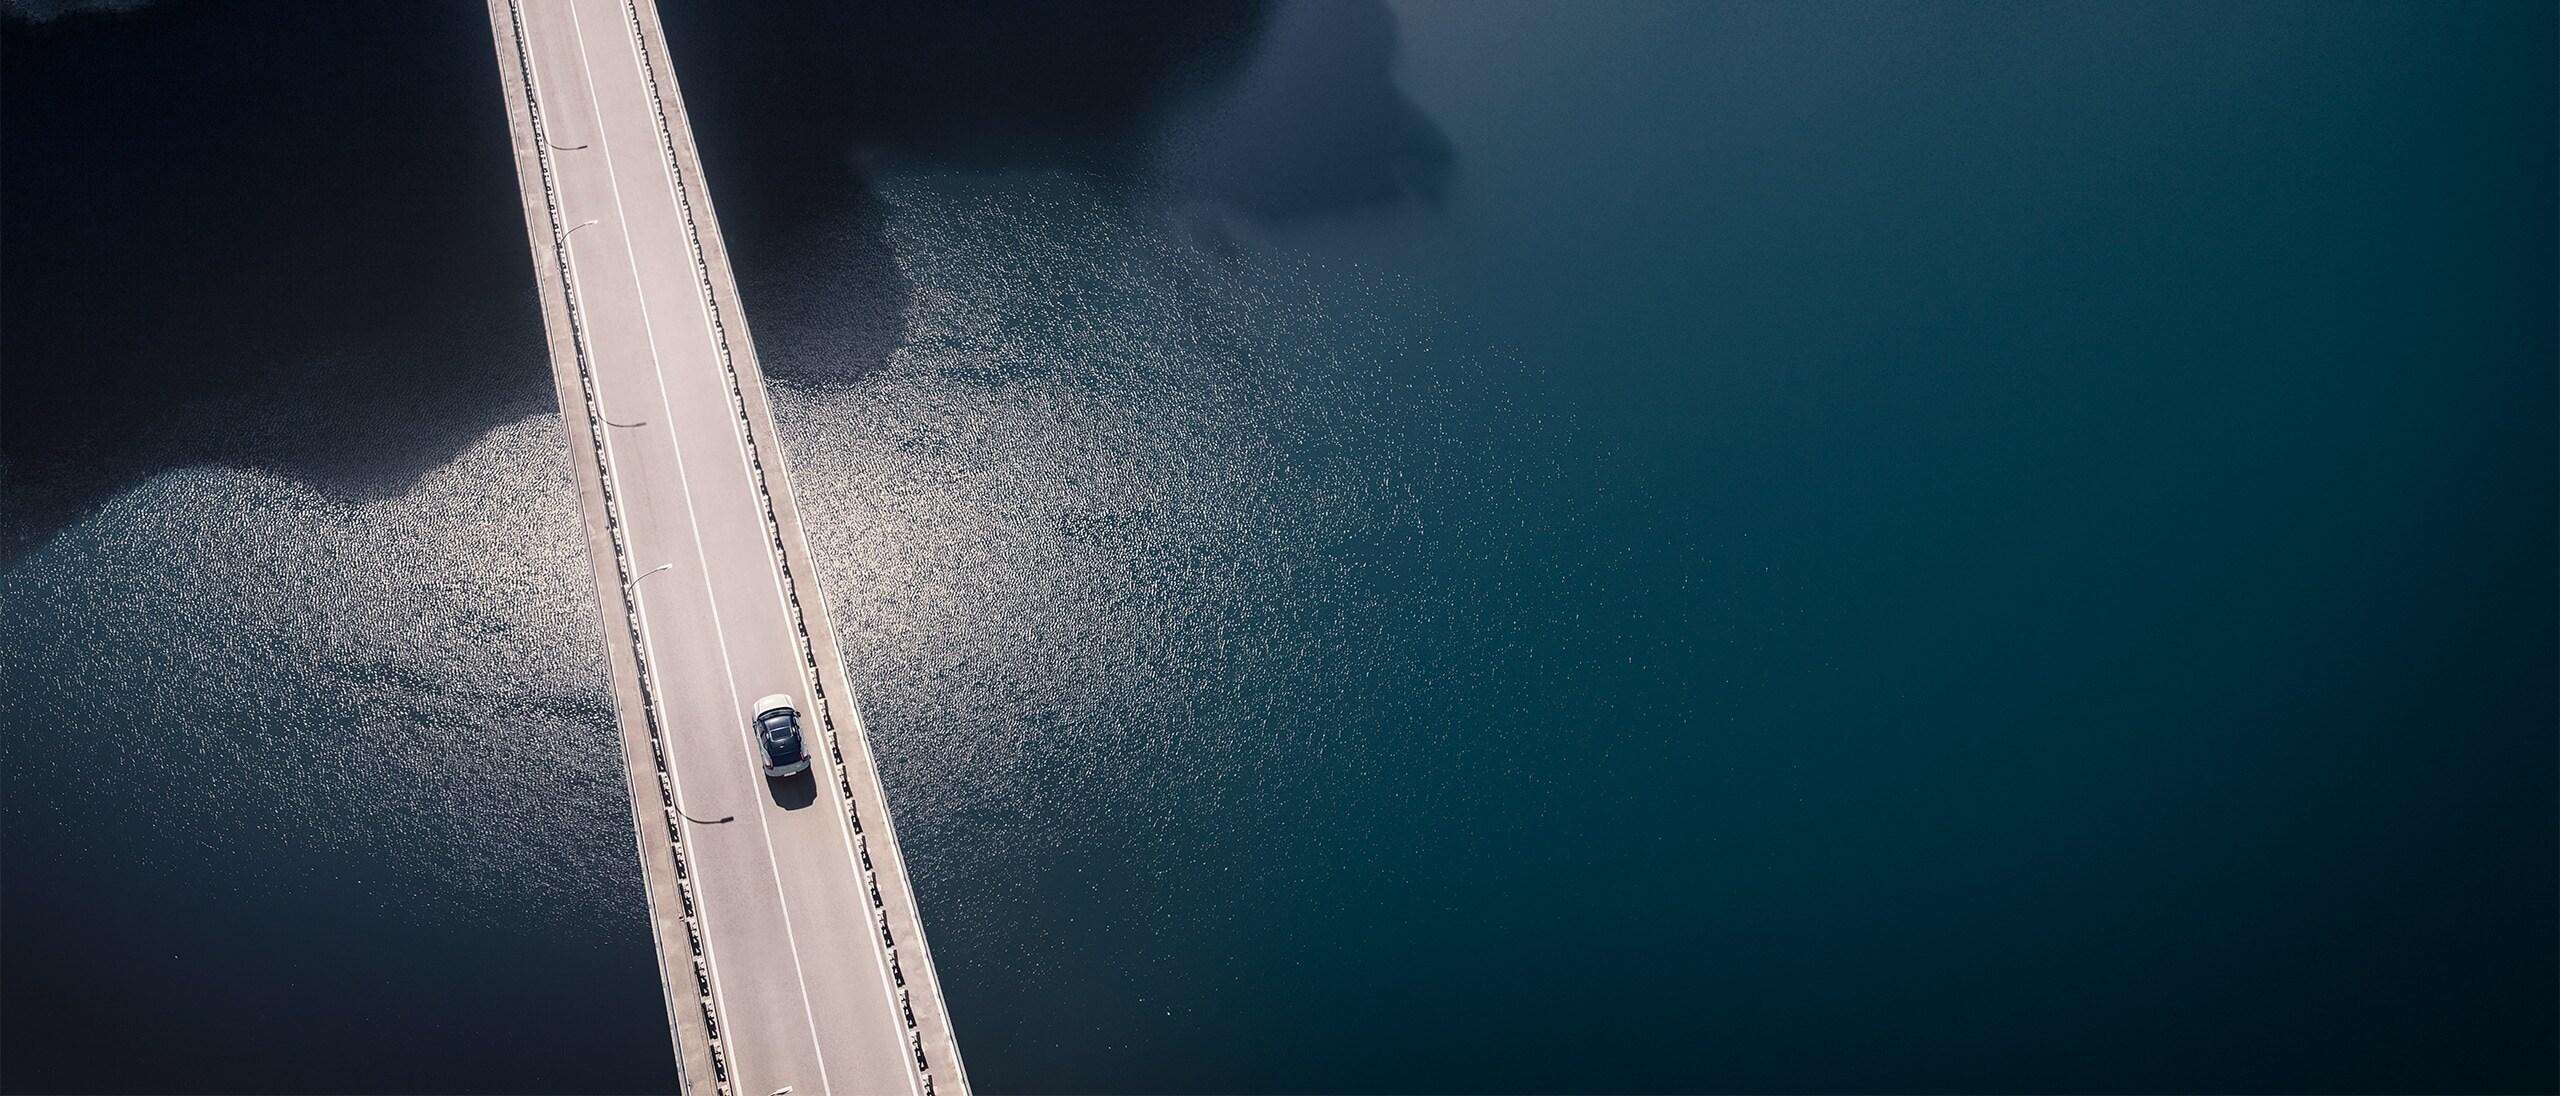 Vue aérienne d'un nouveau SUV Volvo XC40 Recharge 100% électrique sur un pont à deux voies au-dessus d'une eau calme et gris foncé, en direction d'un tunnel.